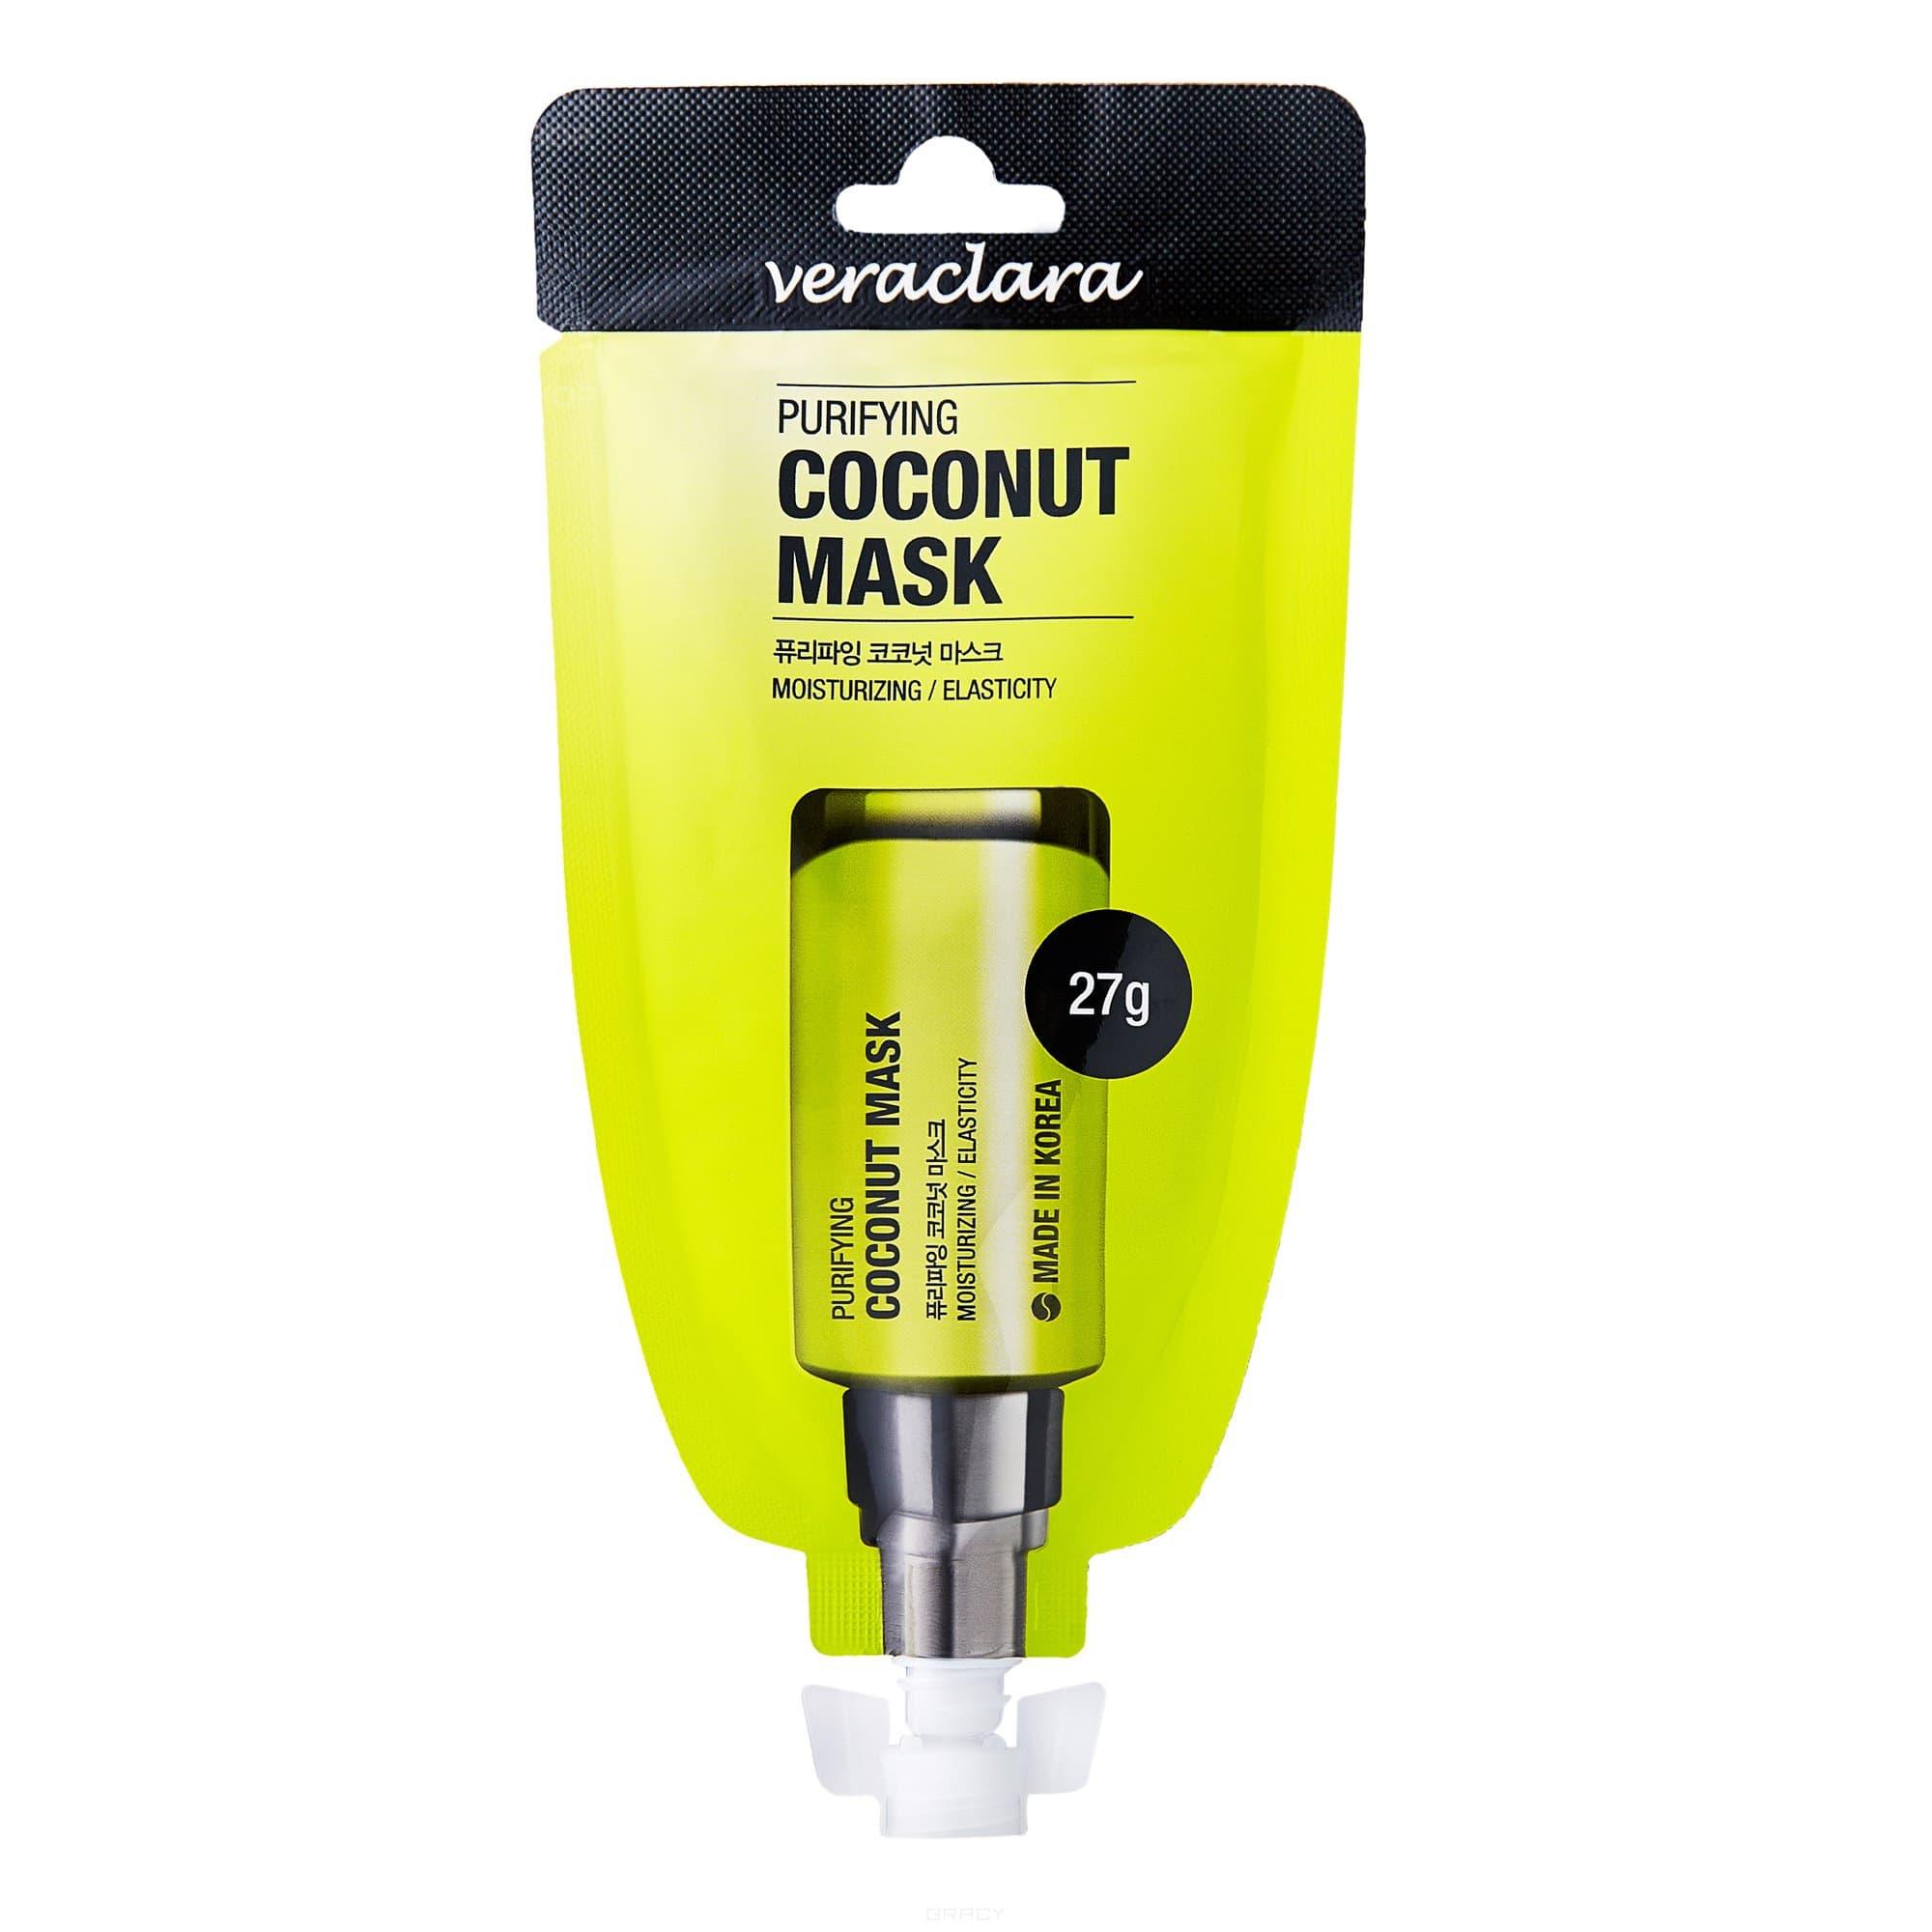 Маска кокосовая очищающая PURIFYING COCONUT MASK, 27 гр